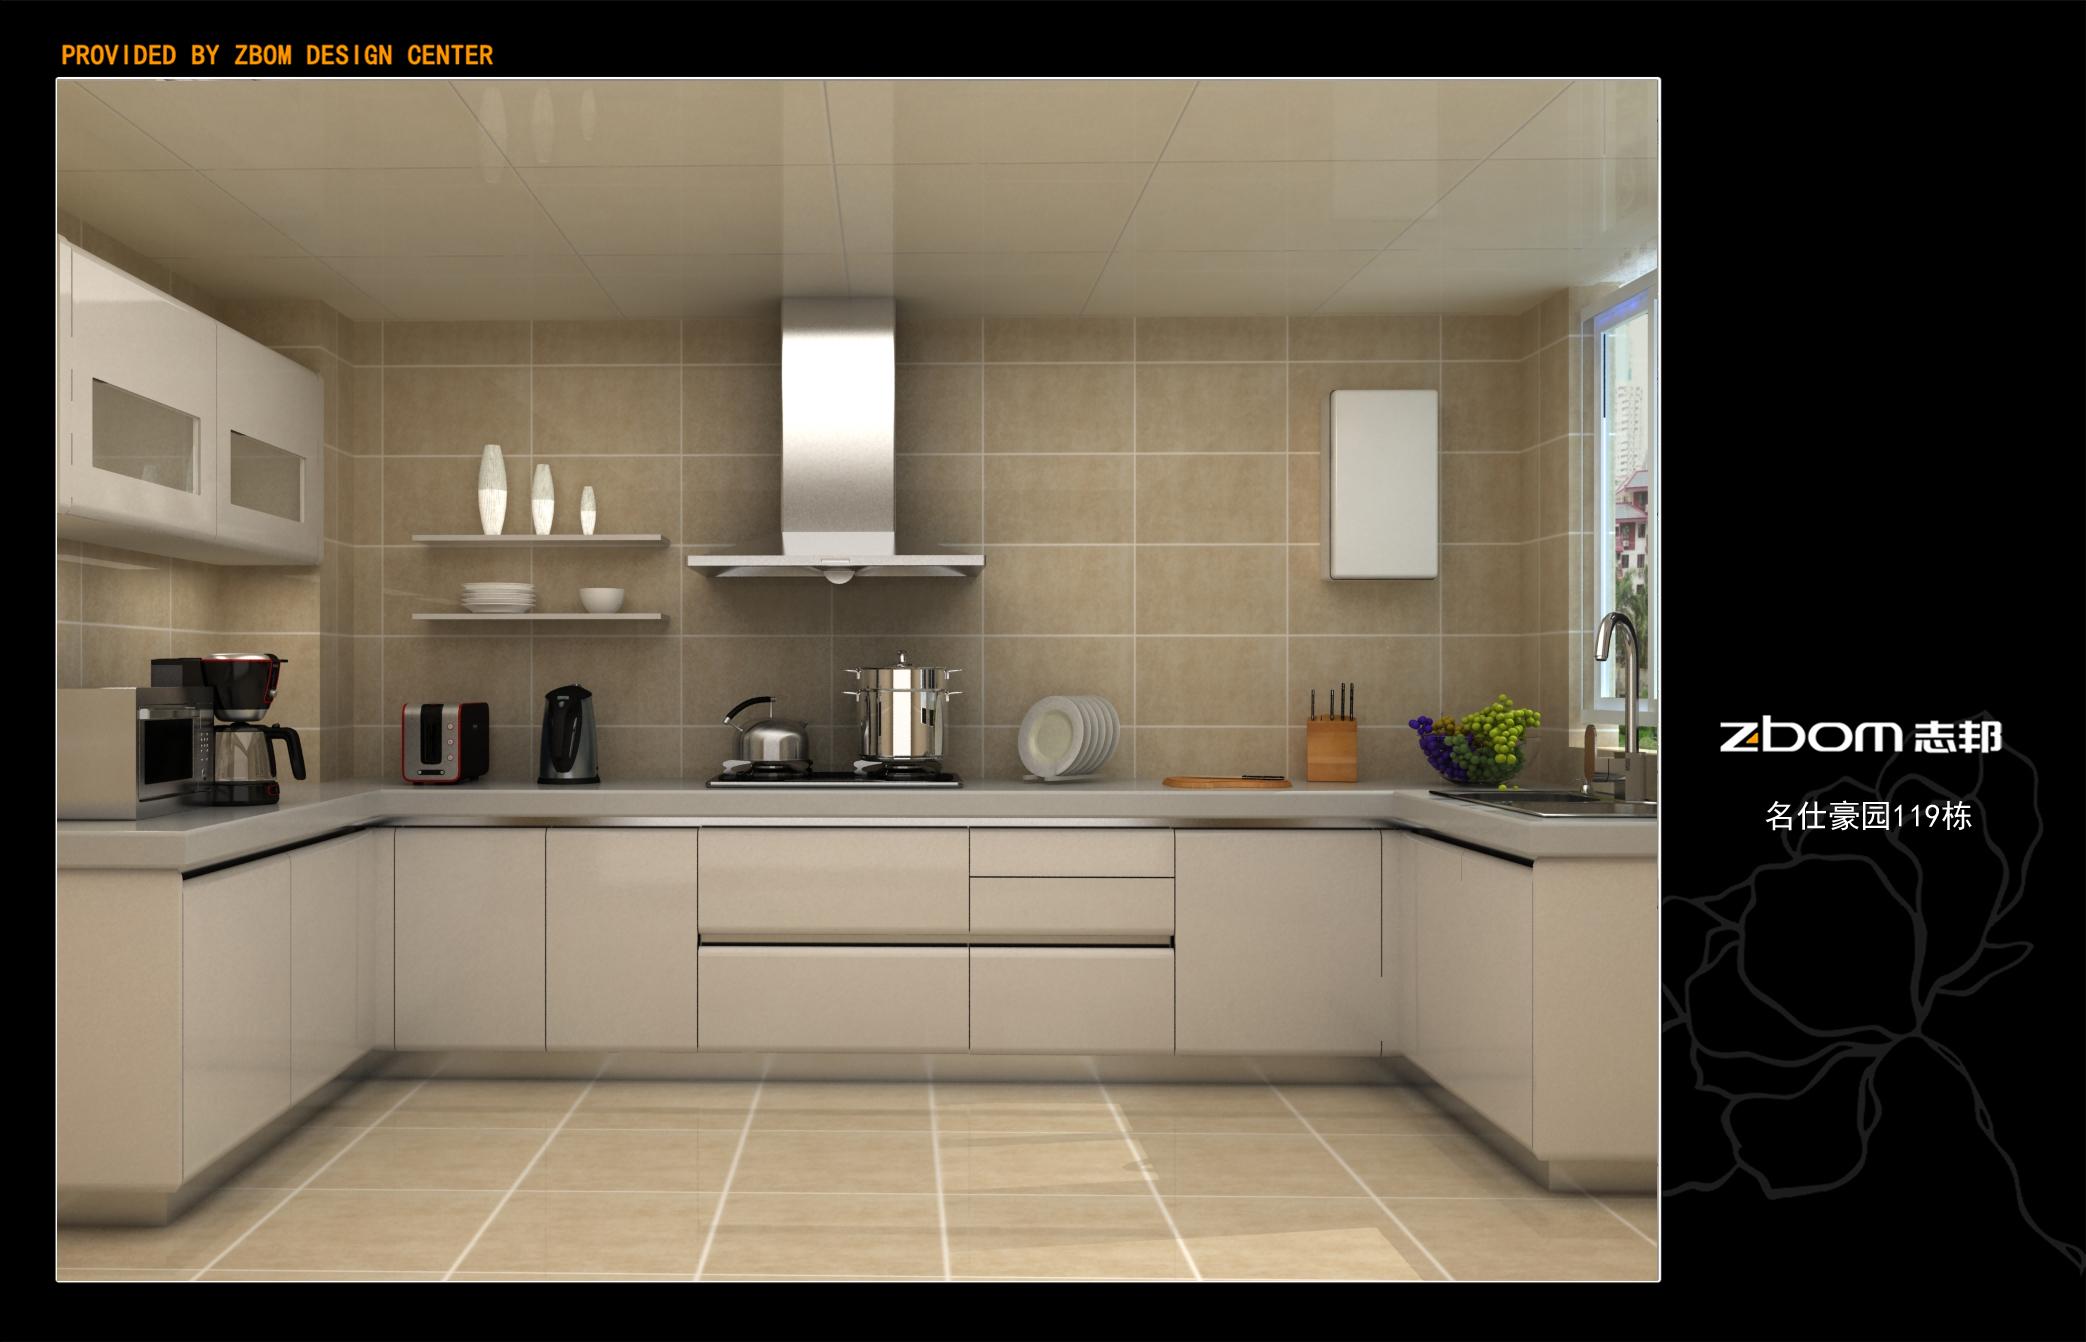 厨柜效果图|空间|展示设计 |五只的说 - 原创作品